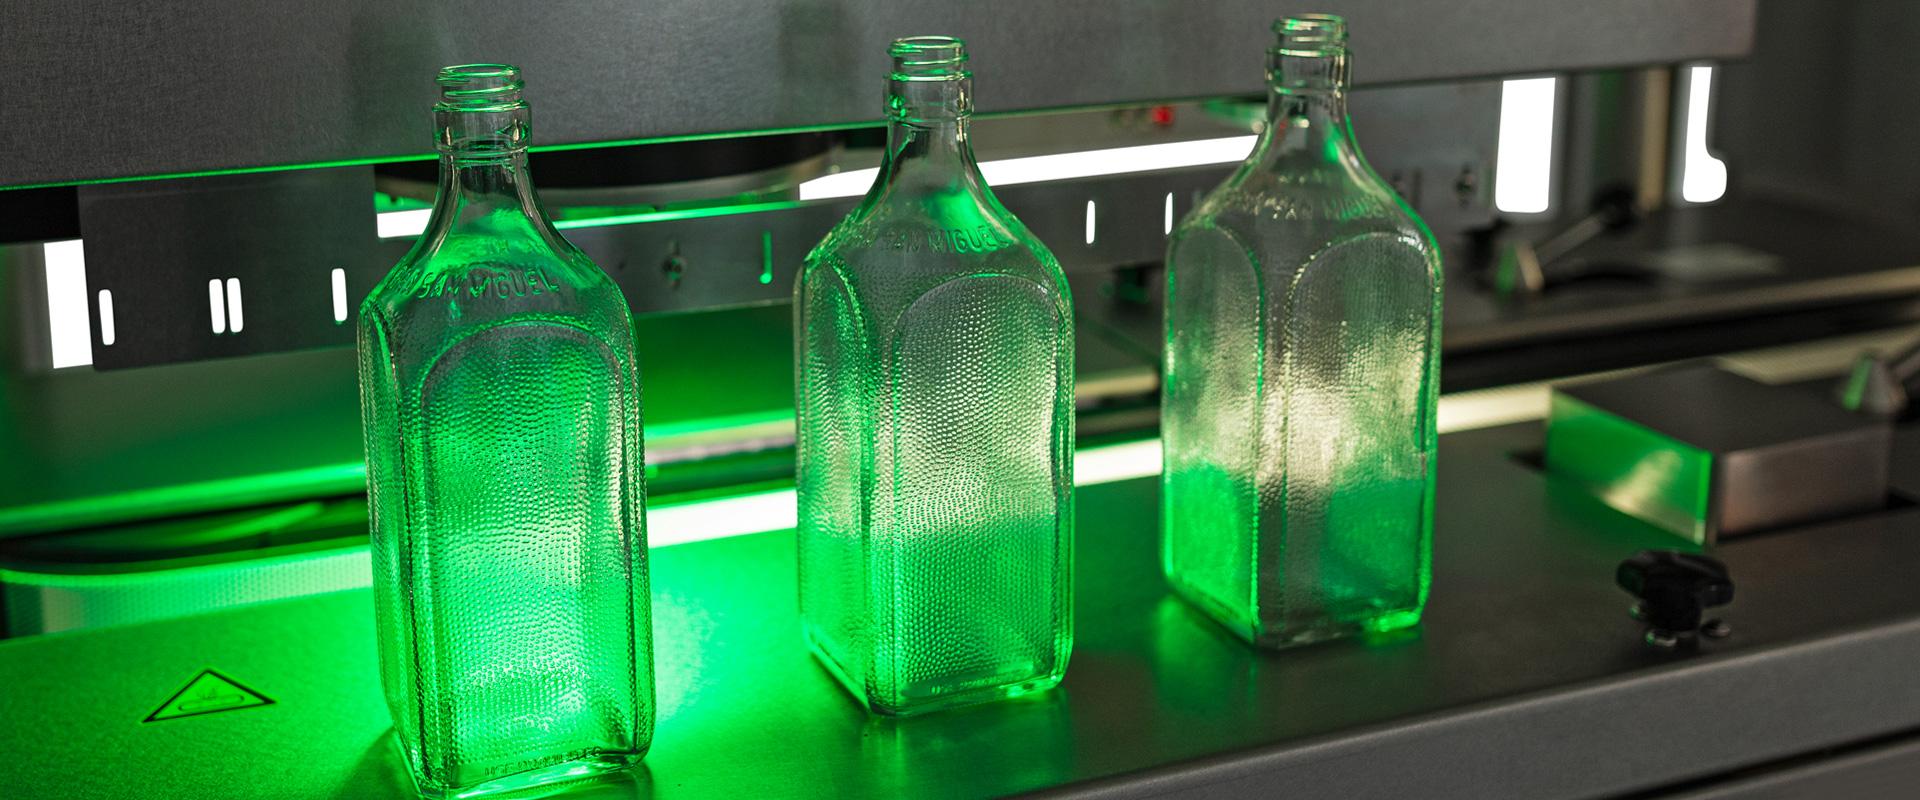 glas bottles in miho david 2